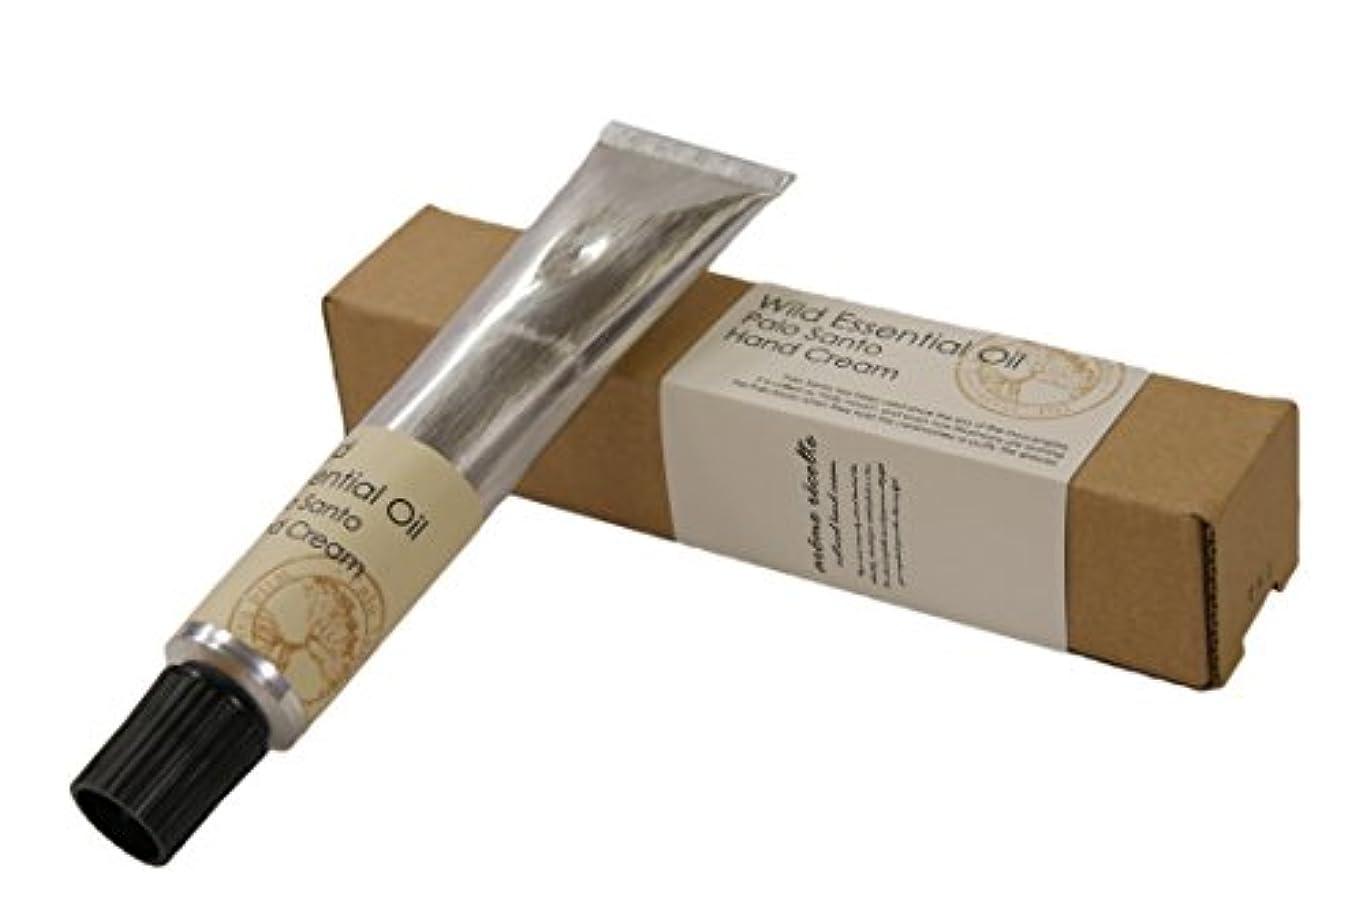 品揃えソートしなければならないアロマレコルト ハンドクリーム パロサント 【Palo Santo】 ワイルド エッセンシャルオイル wild essential oil hand cream arome recolte